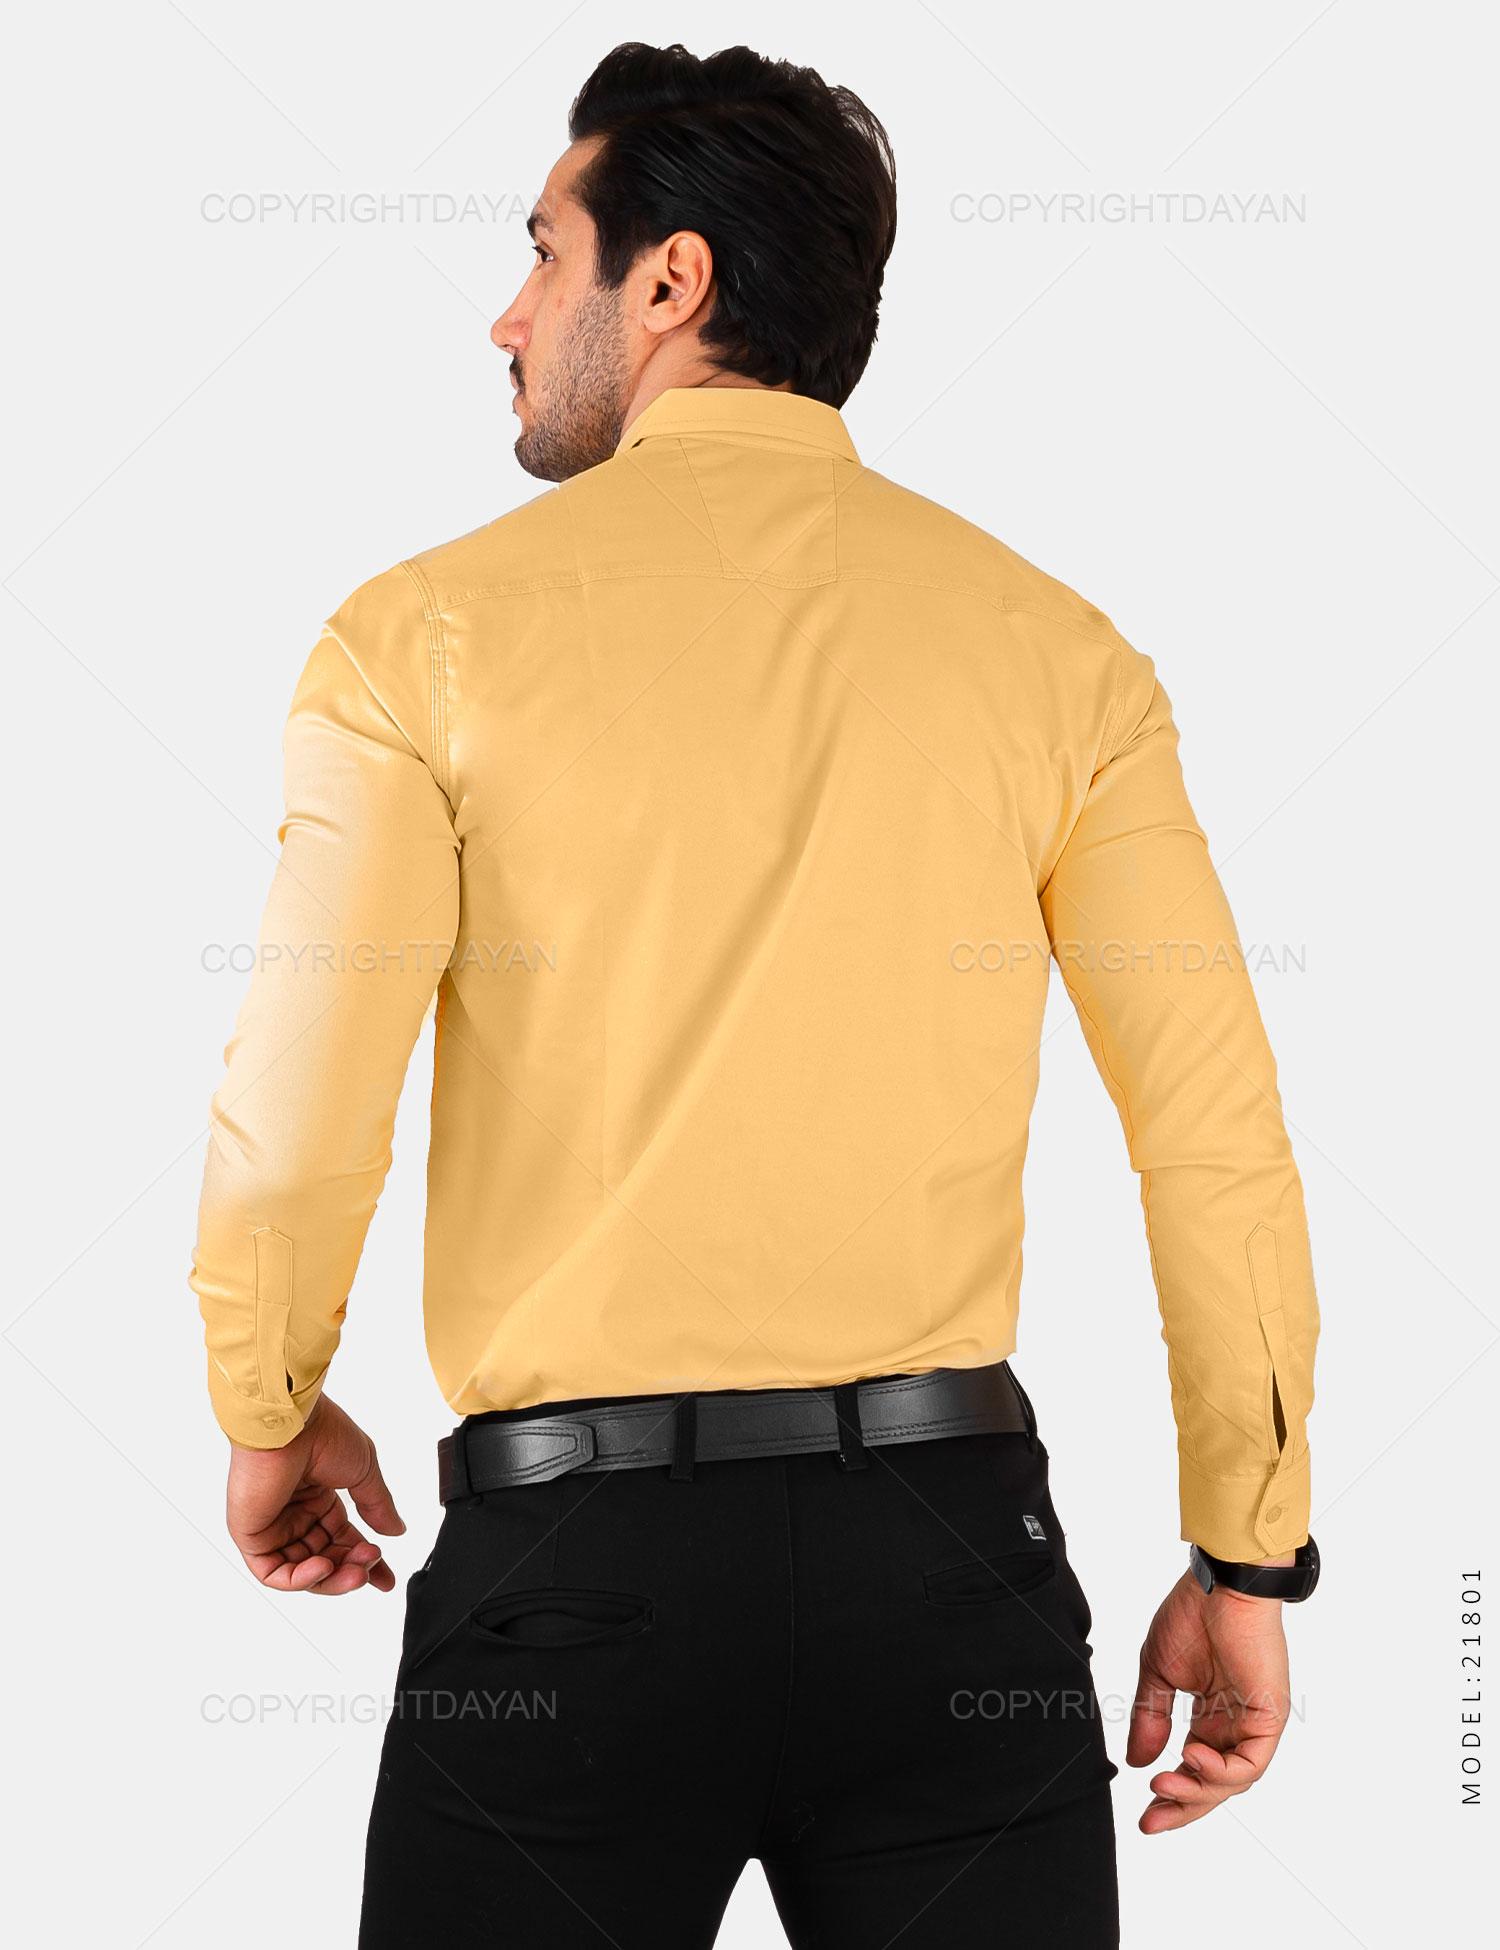 پیراهن مردانه Zima مدل 21801 پیراهن مردانه Zima مدل 21801 149,000 تومان